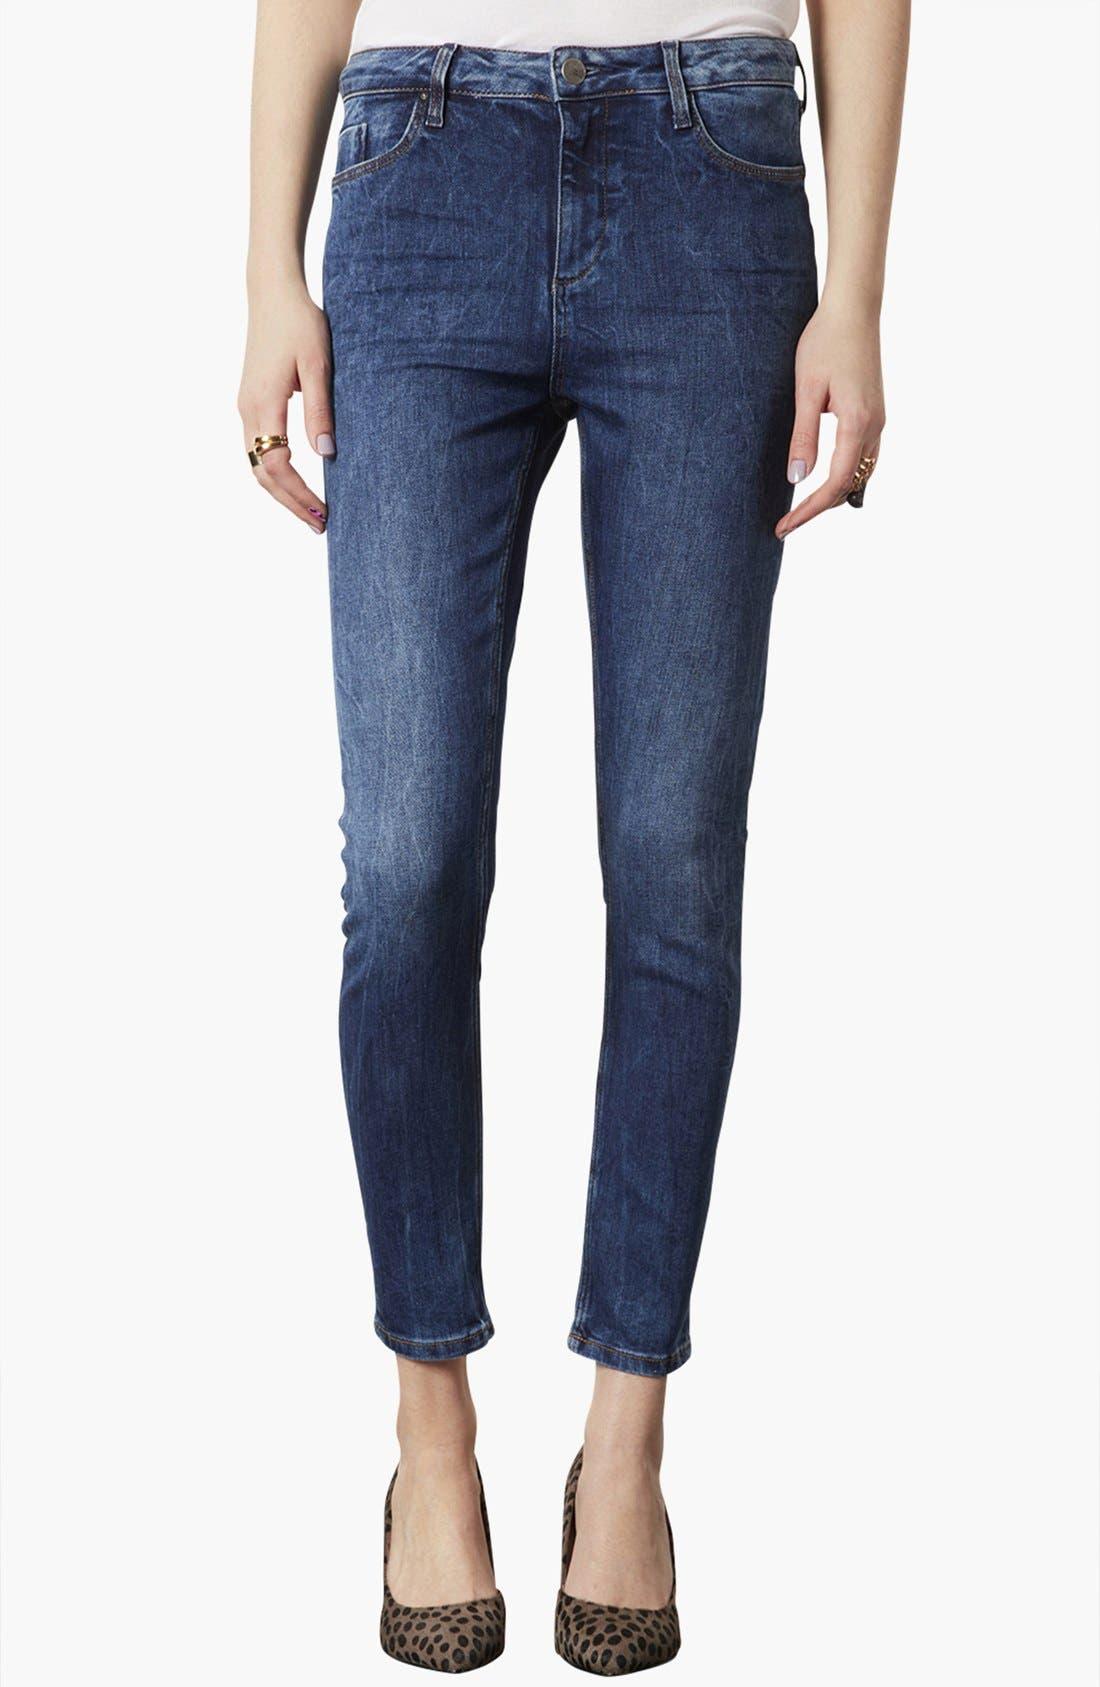 Main Image - Topshop 'Jamie' Skinny Jeans (Regular, Short & Long)